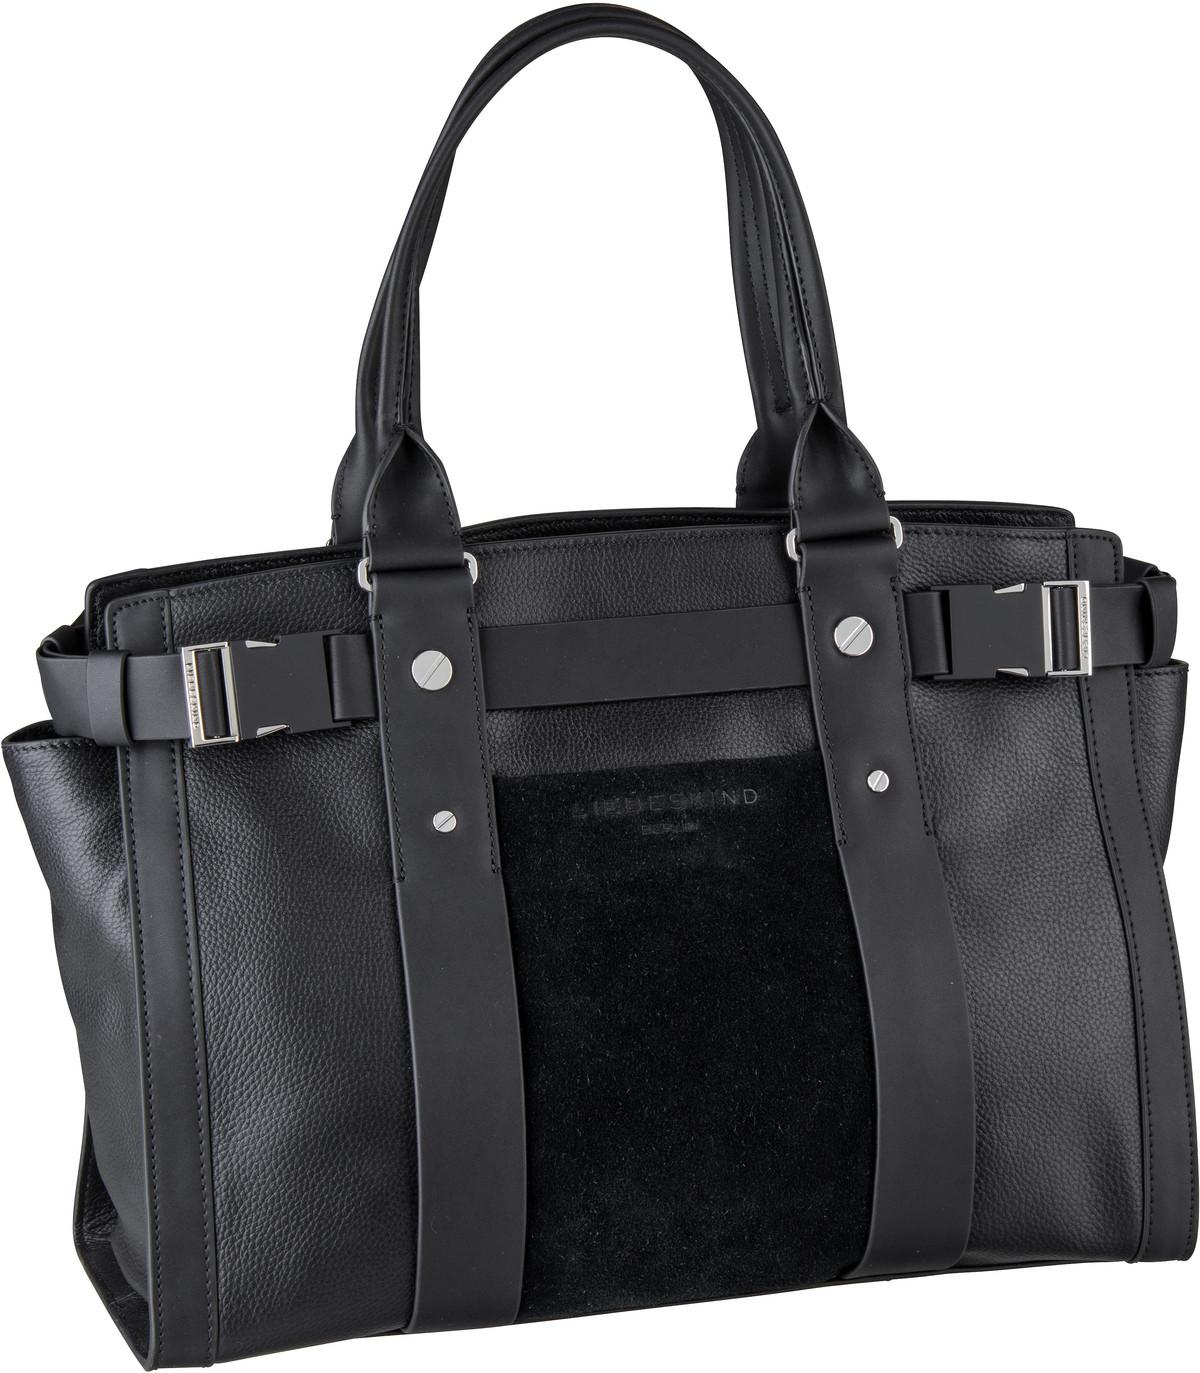 Berlin Handtasche Sporty Satchel L Suede Black